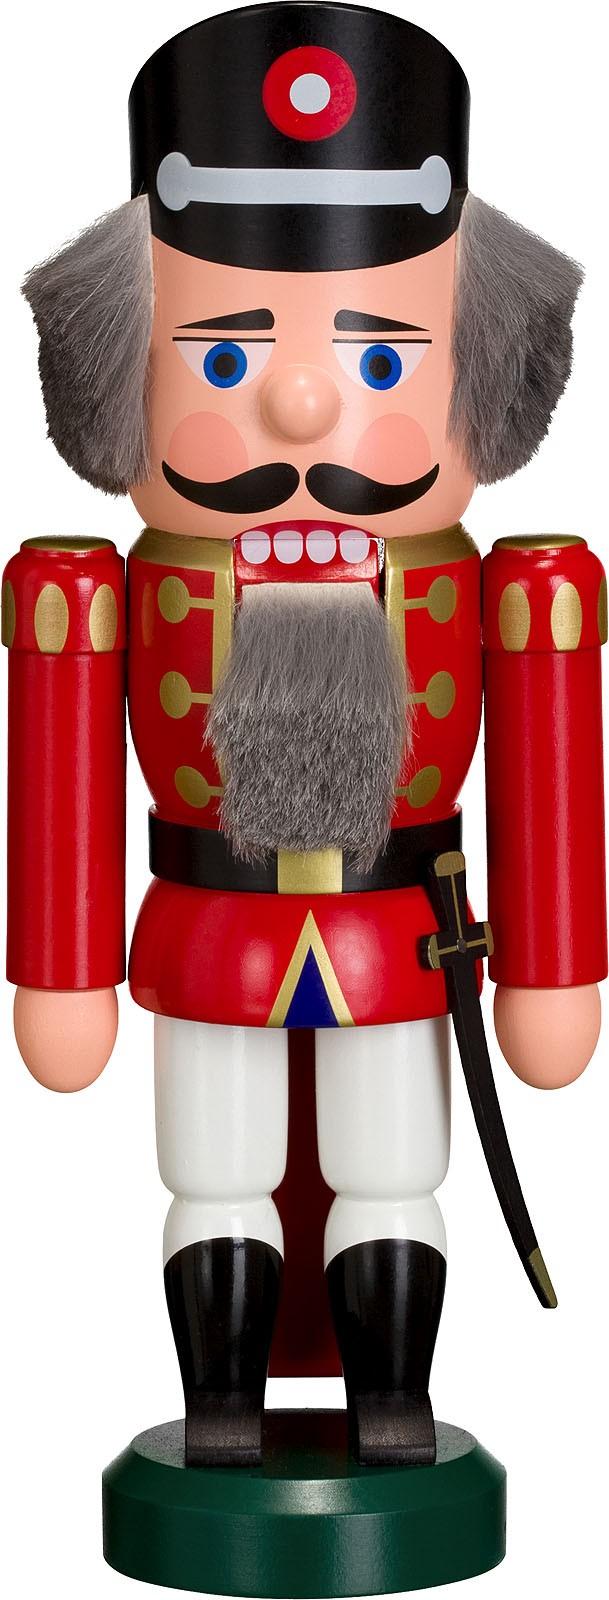 Nussknacker Polizist, rot, 25 cm